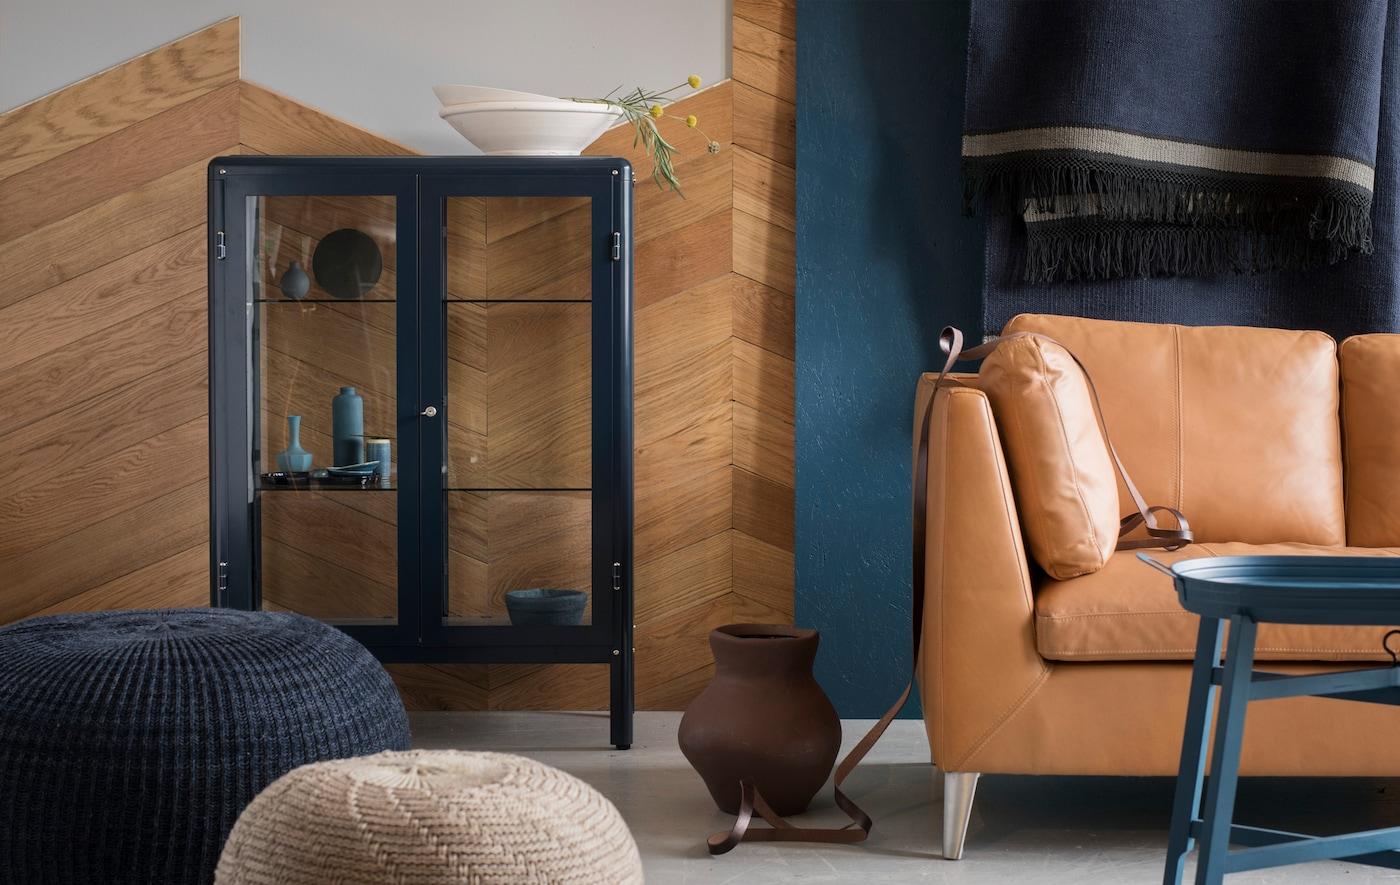 Ce printemps, donnez le ton avec un mélange de teintes de terre, de détails bleus et de matériaux authentiques. Optez pour une combinaison de tapis faits main, de paniers tressés et d'accents bleus. Exposez vos objets préférés dans une vitrine. Essayez la vitrine IKEA FABRIKÖR en bleu